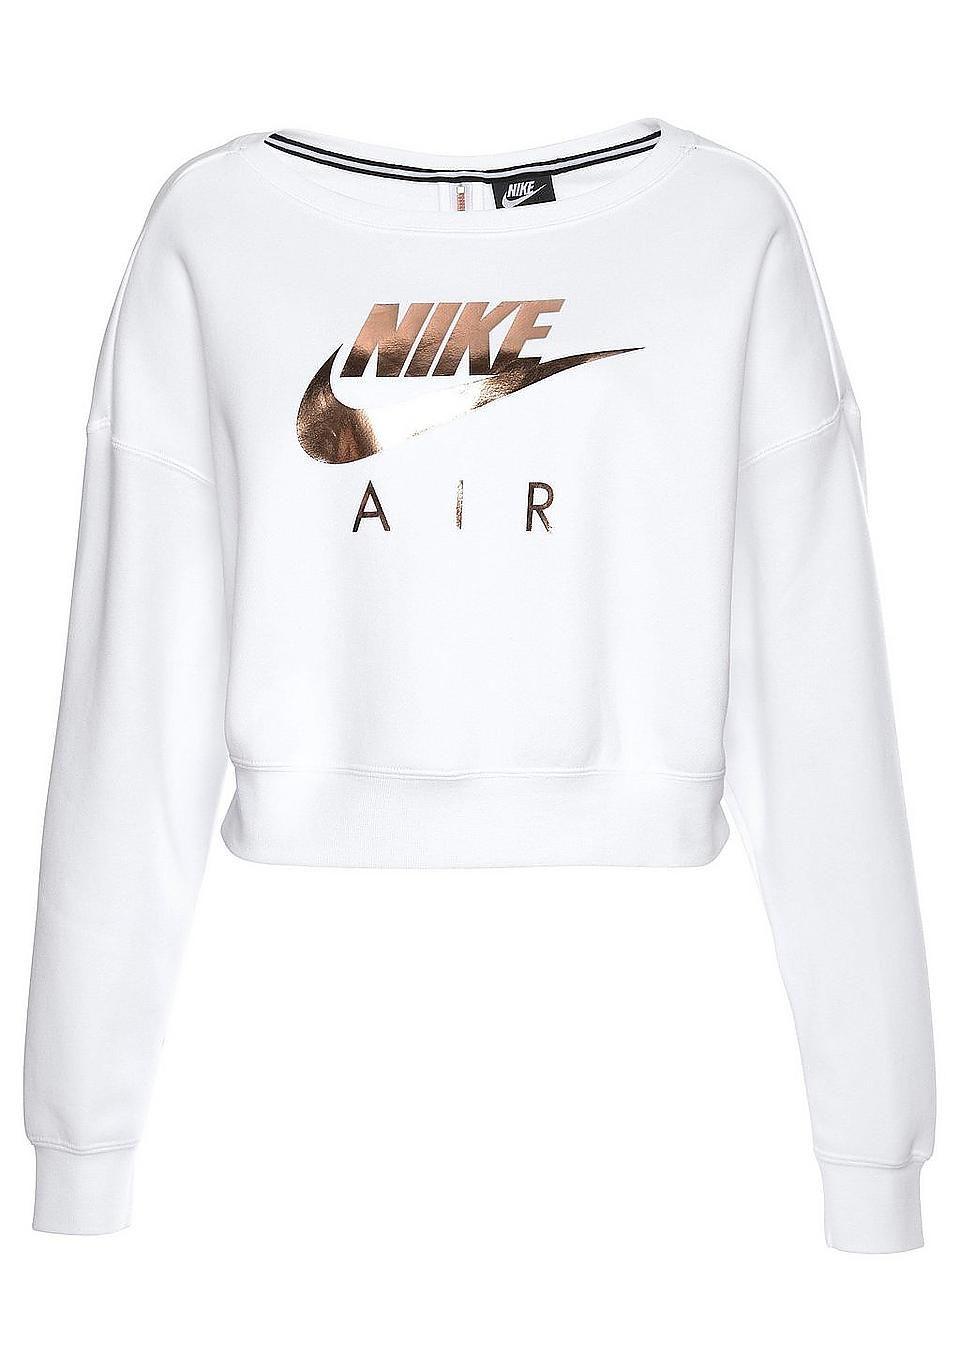 der Verkauf von Schuhen 2019 professionell an vorderster Front der Zeit Nike Sportswear Sweatshirt kaufen bei | Nike kleidung in ...